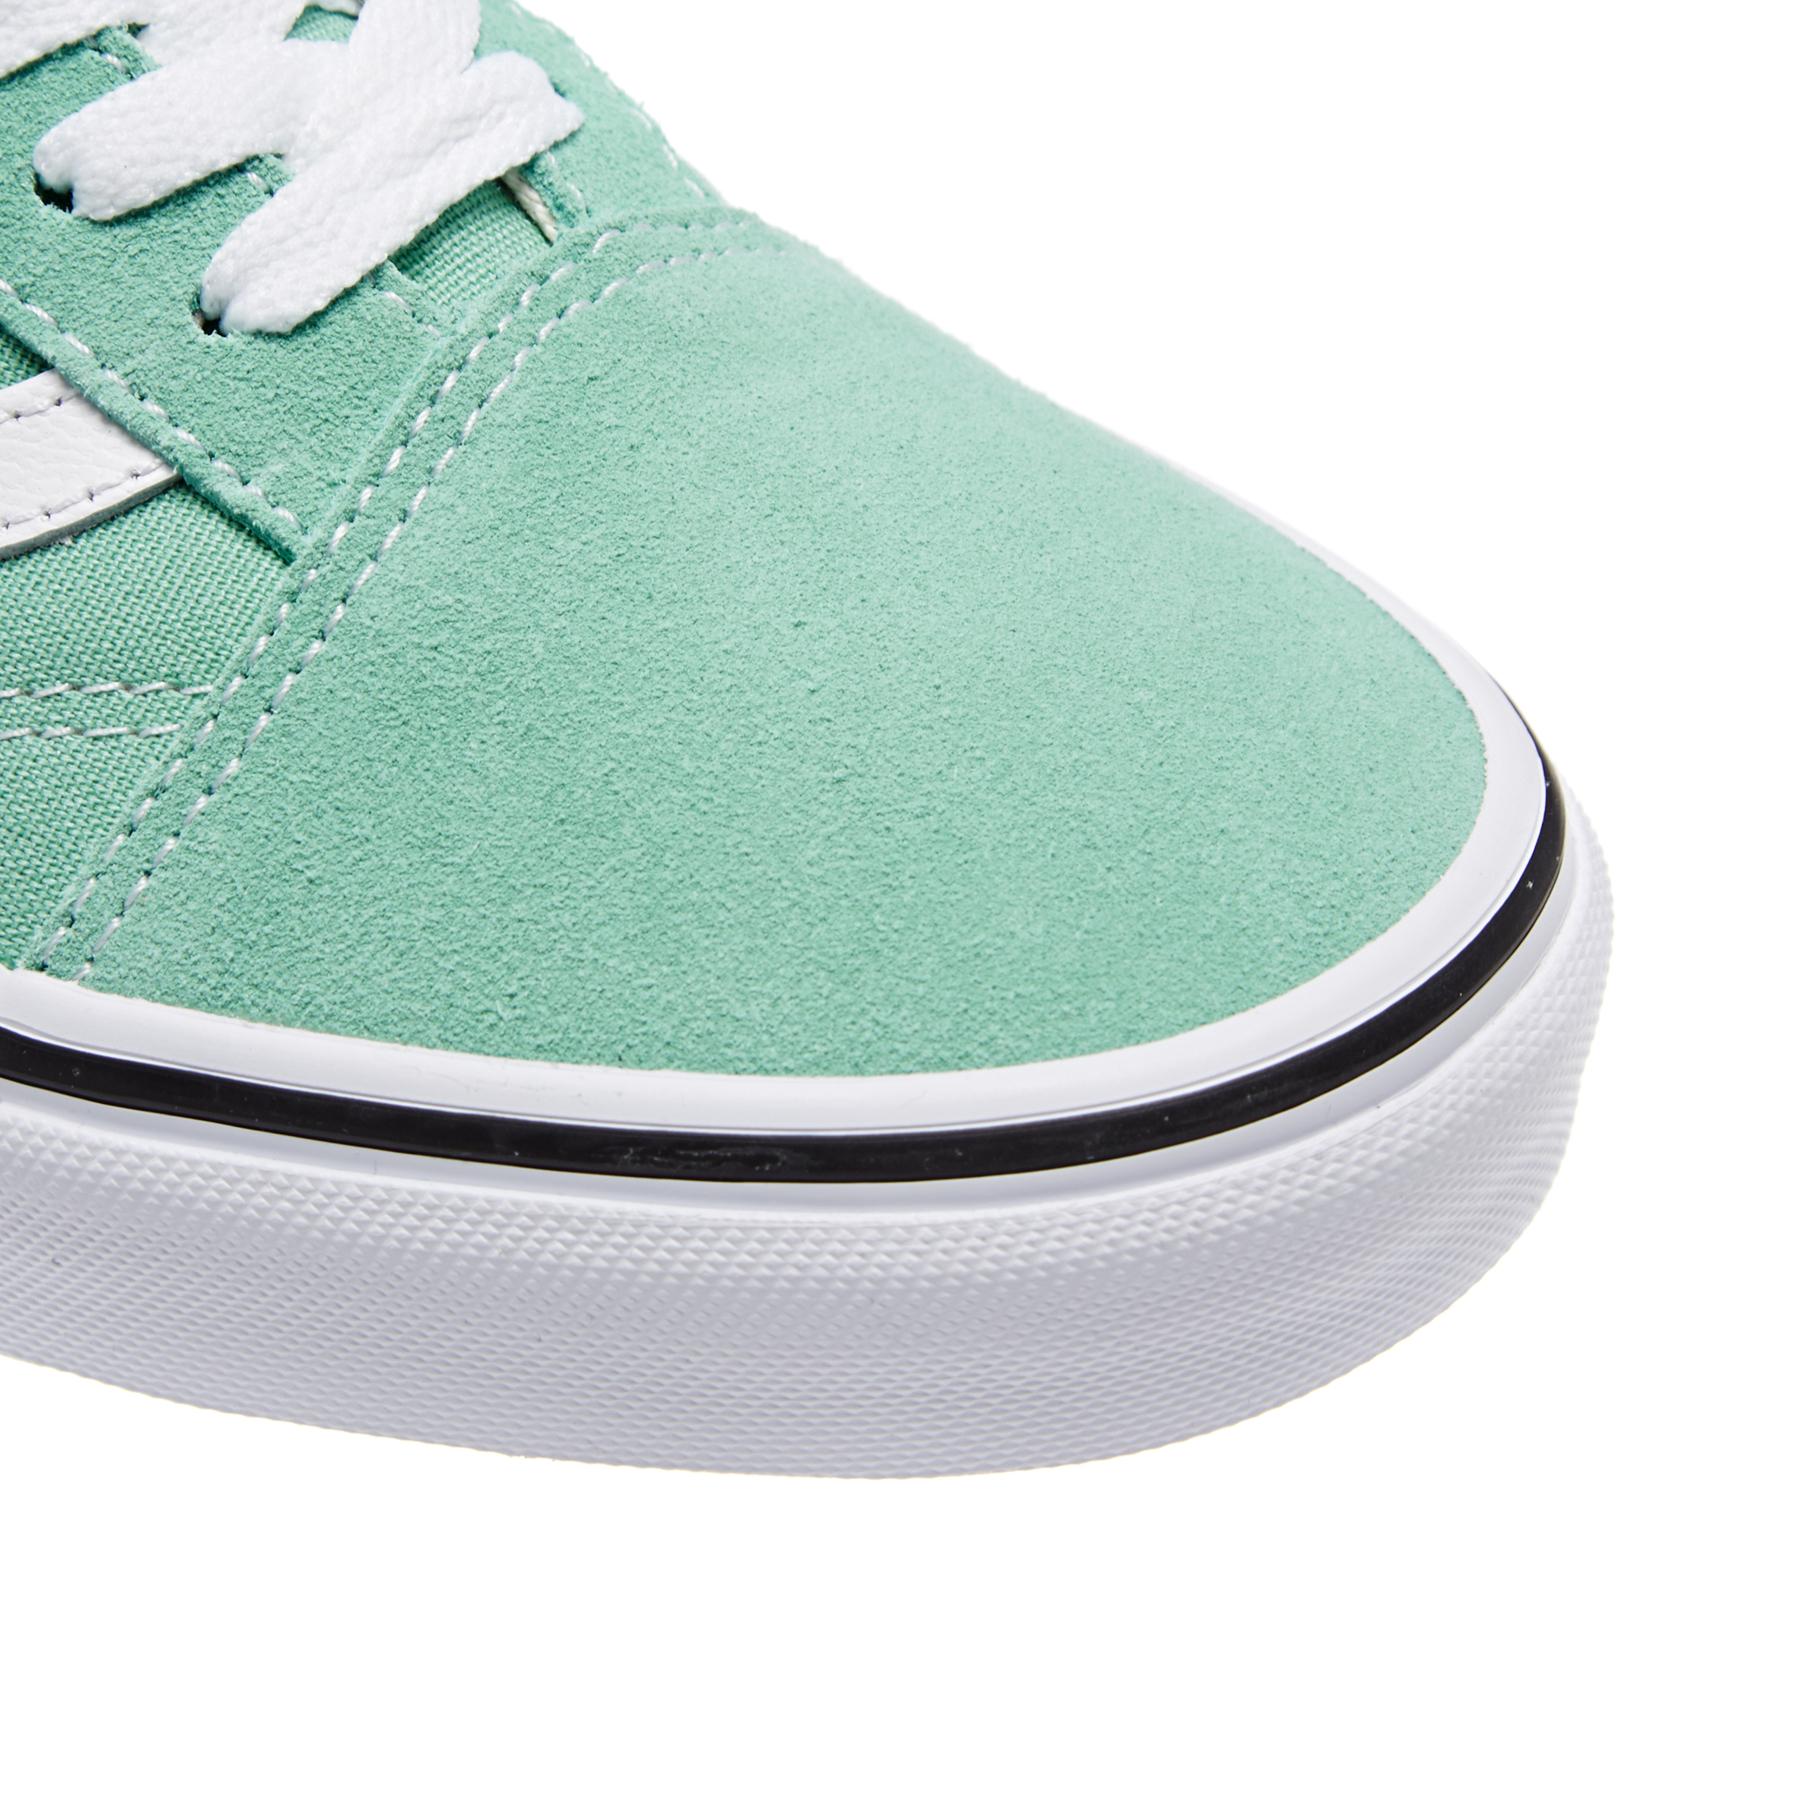 Chaussures Vans Old Skool   Livraison gratuite dès 30€ d'